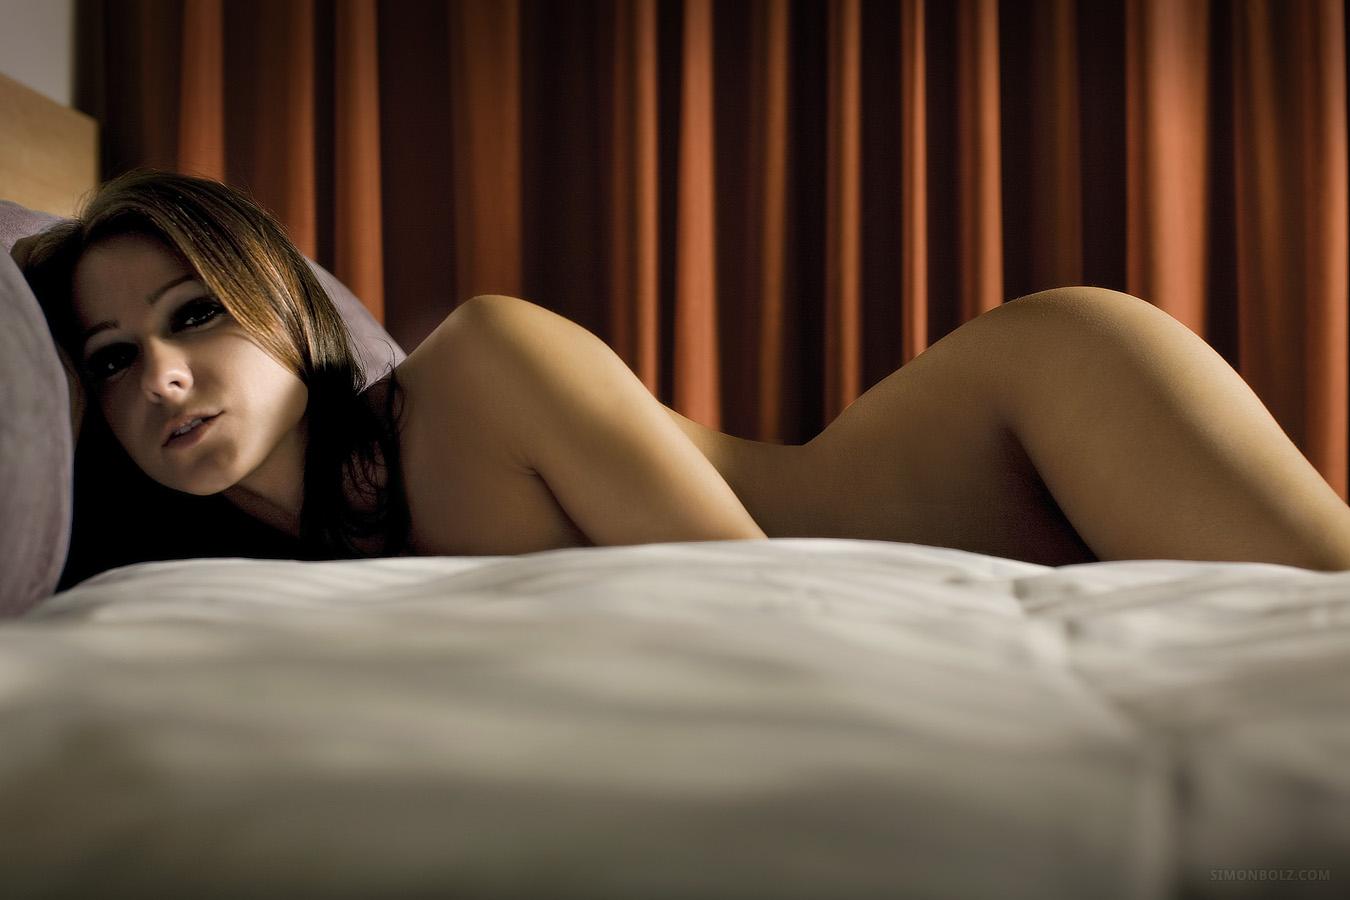 Фото девушек голышок 18 смотреть бесплатно 8 фотография